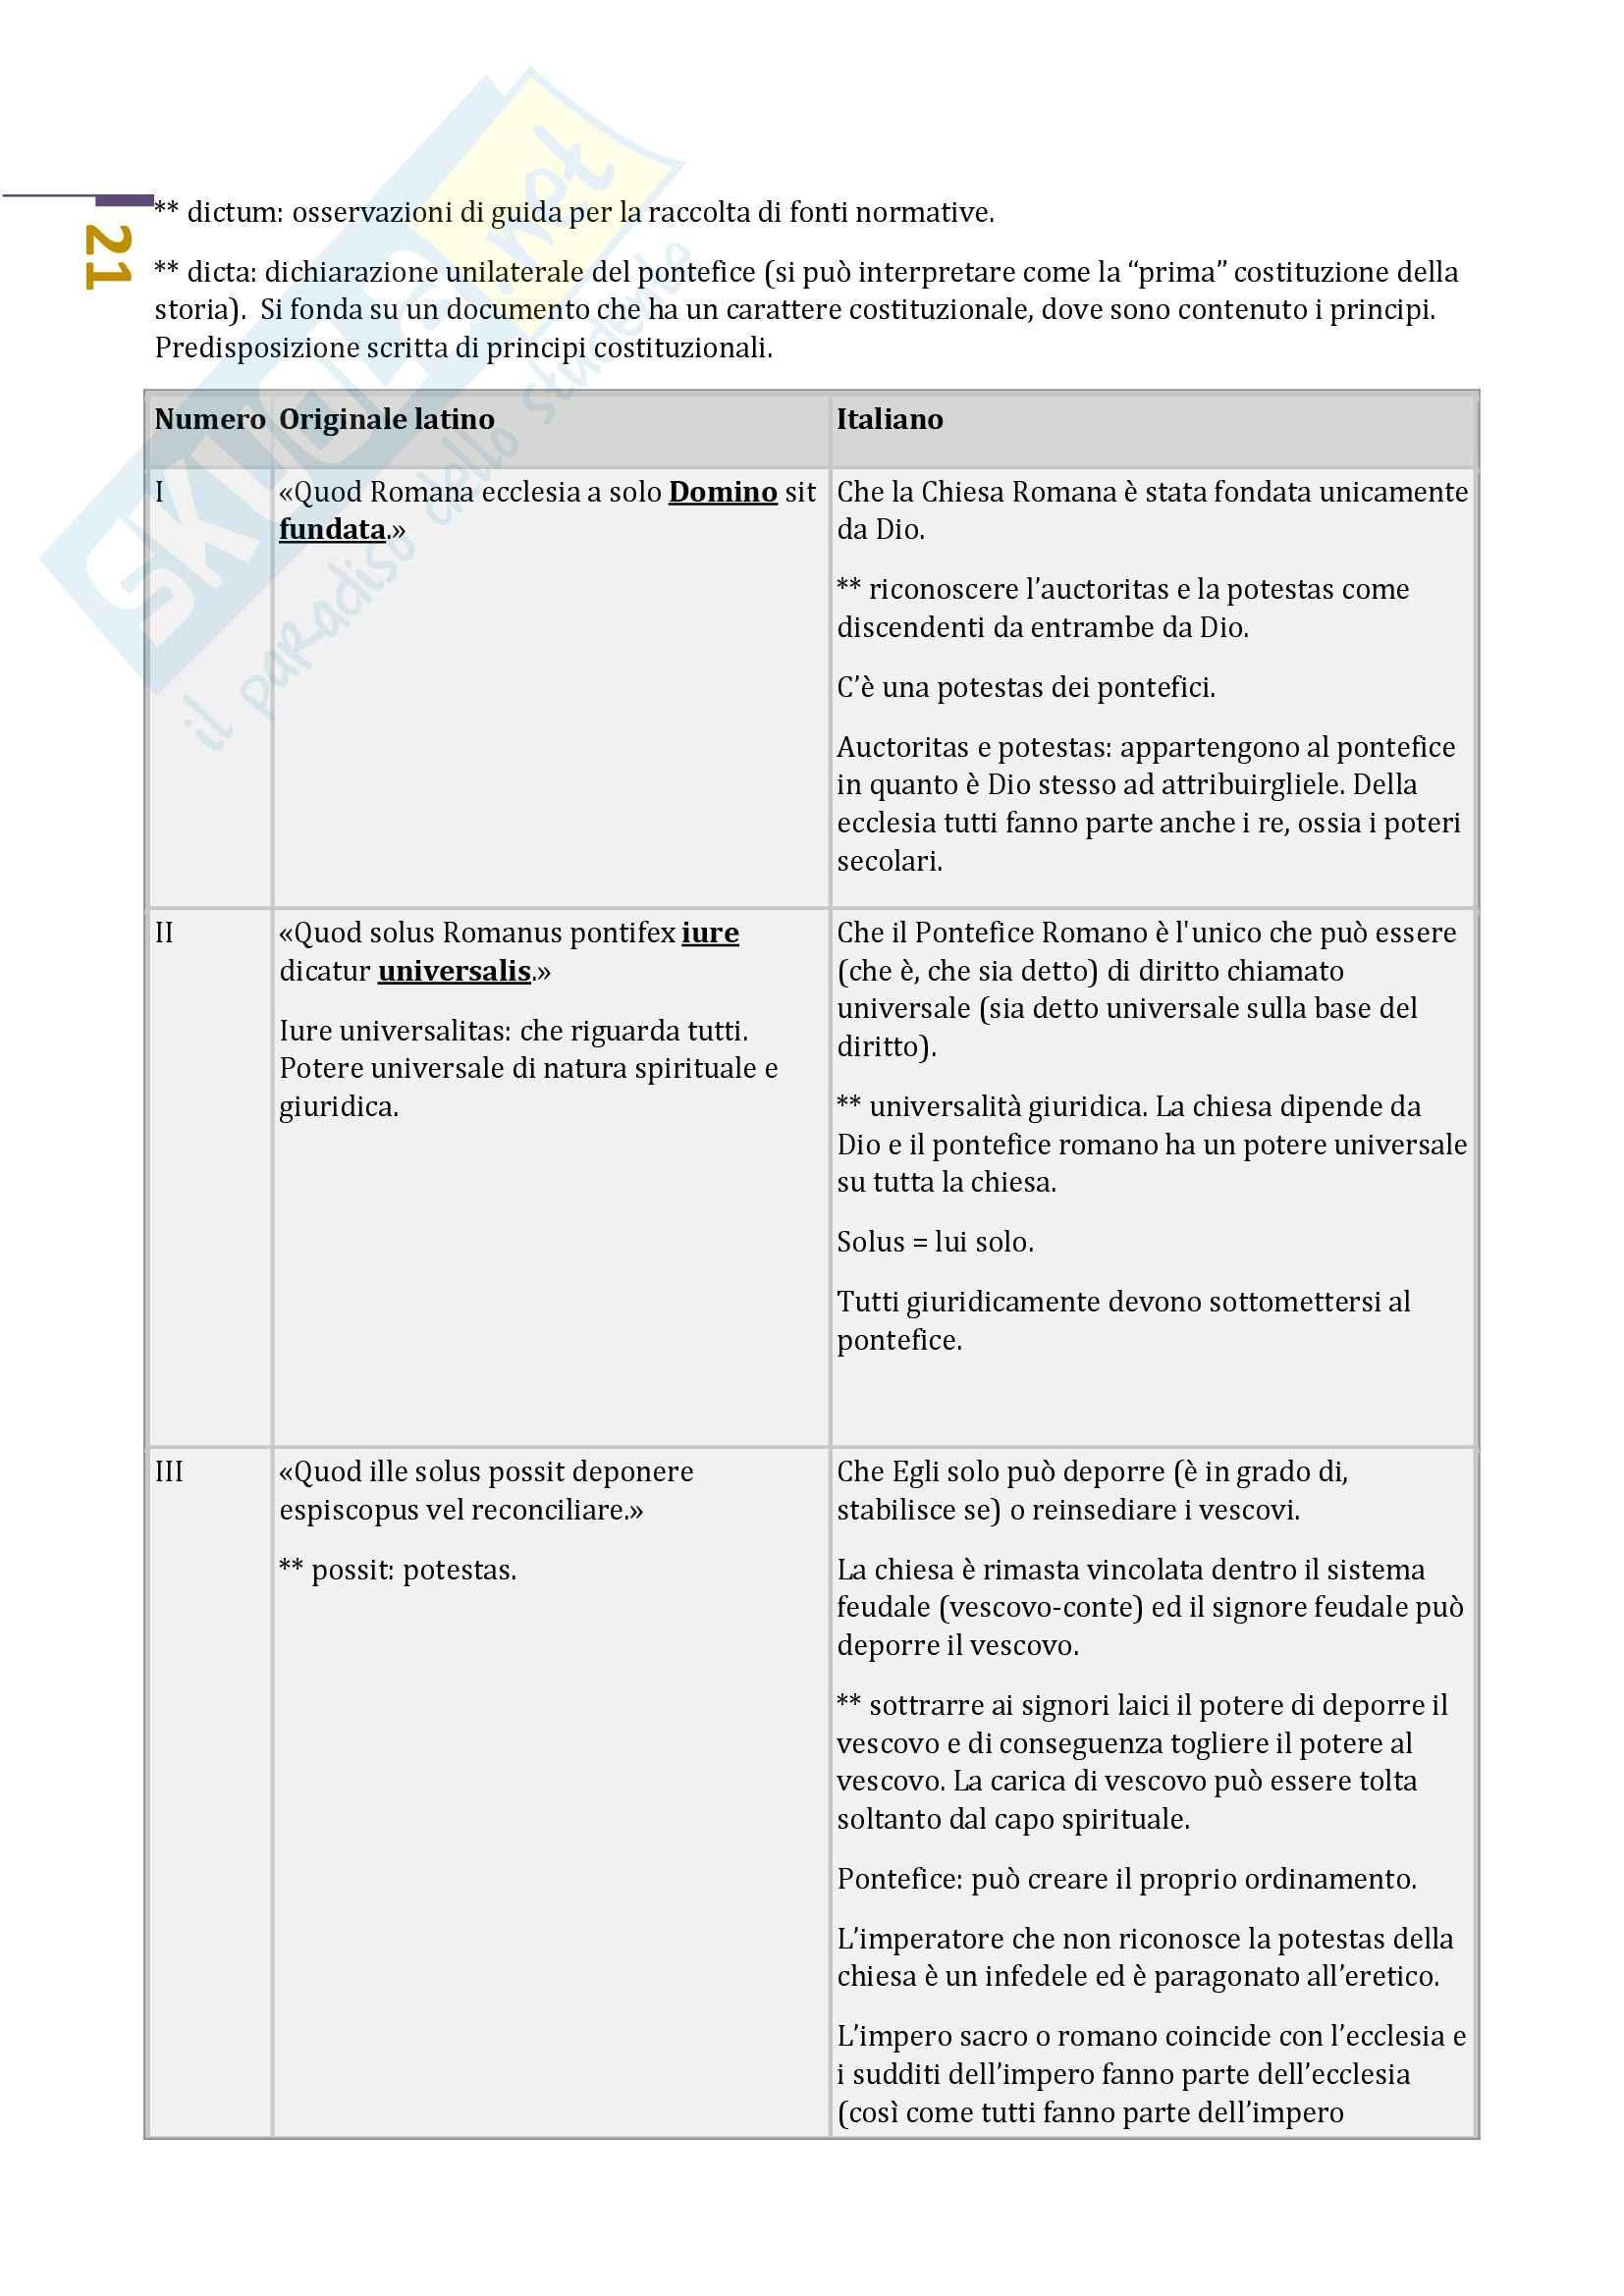 Storia del diritto medievale e moderno 1 Prof.ssa Natalini (Unitn). Pag. 21